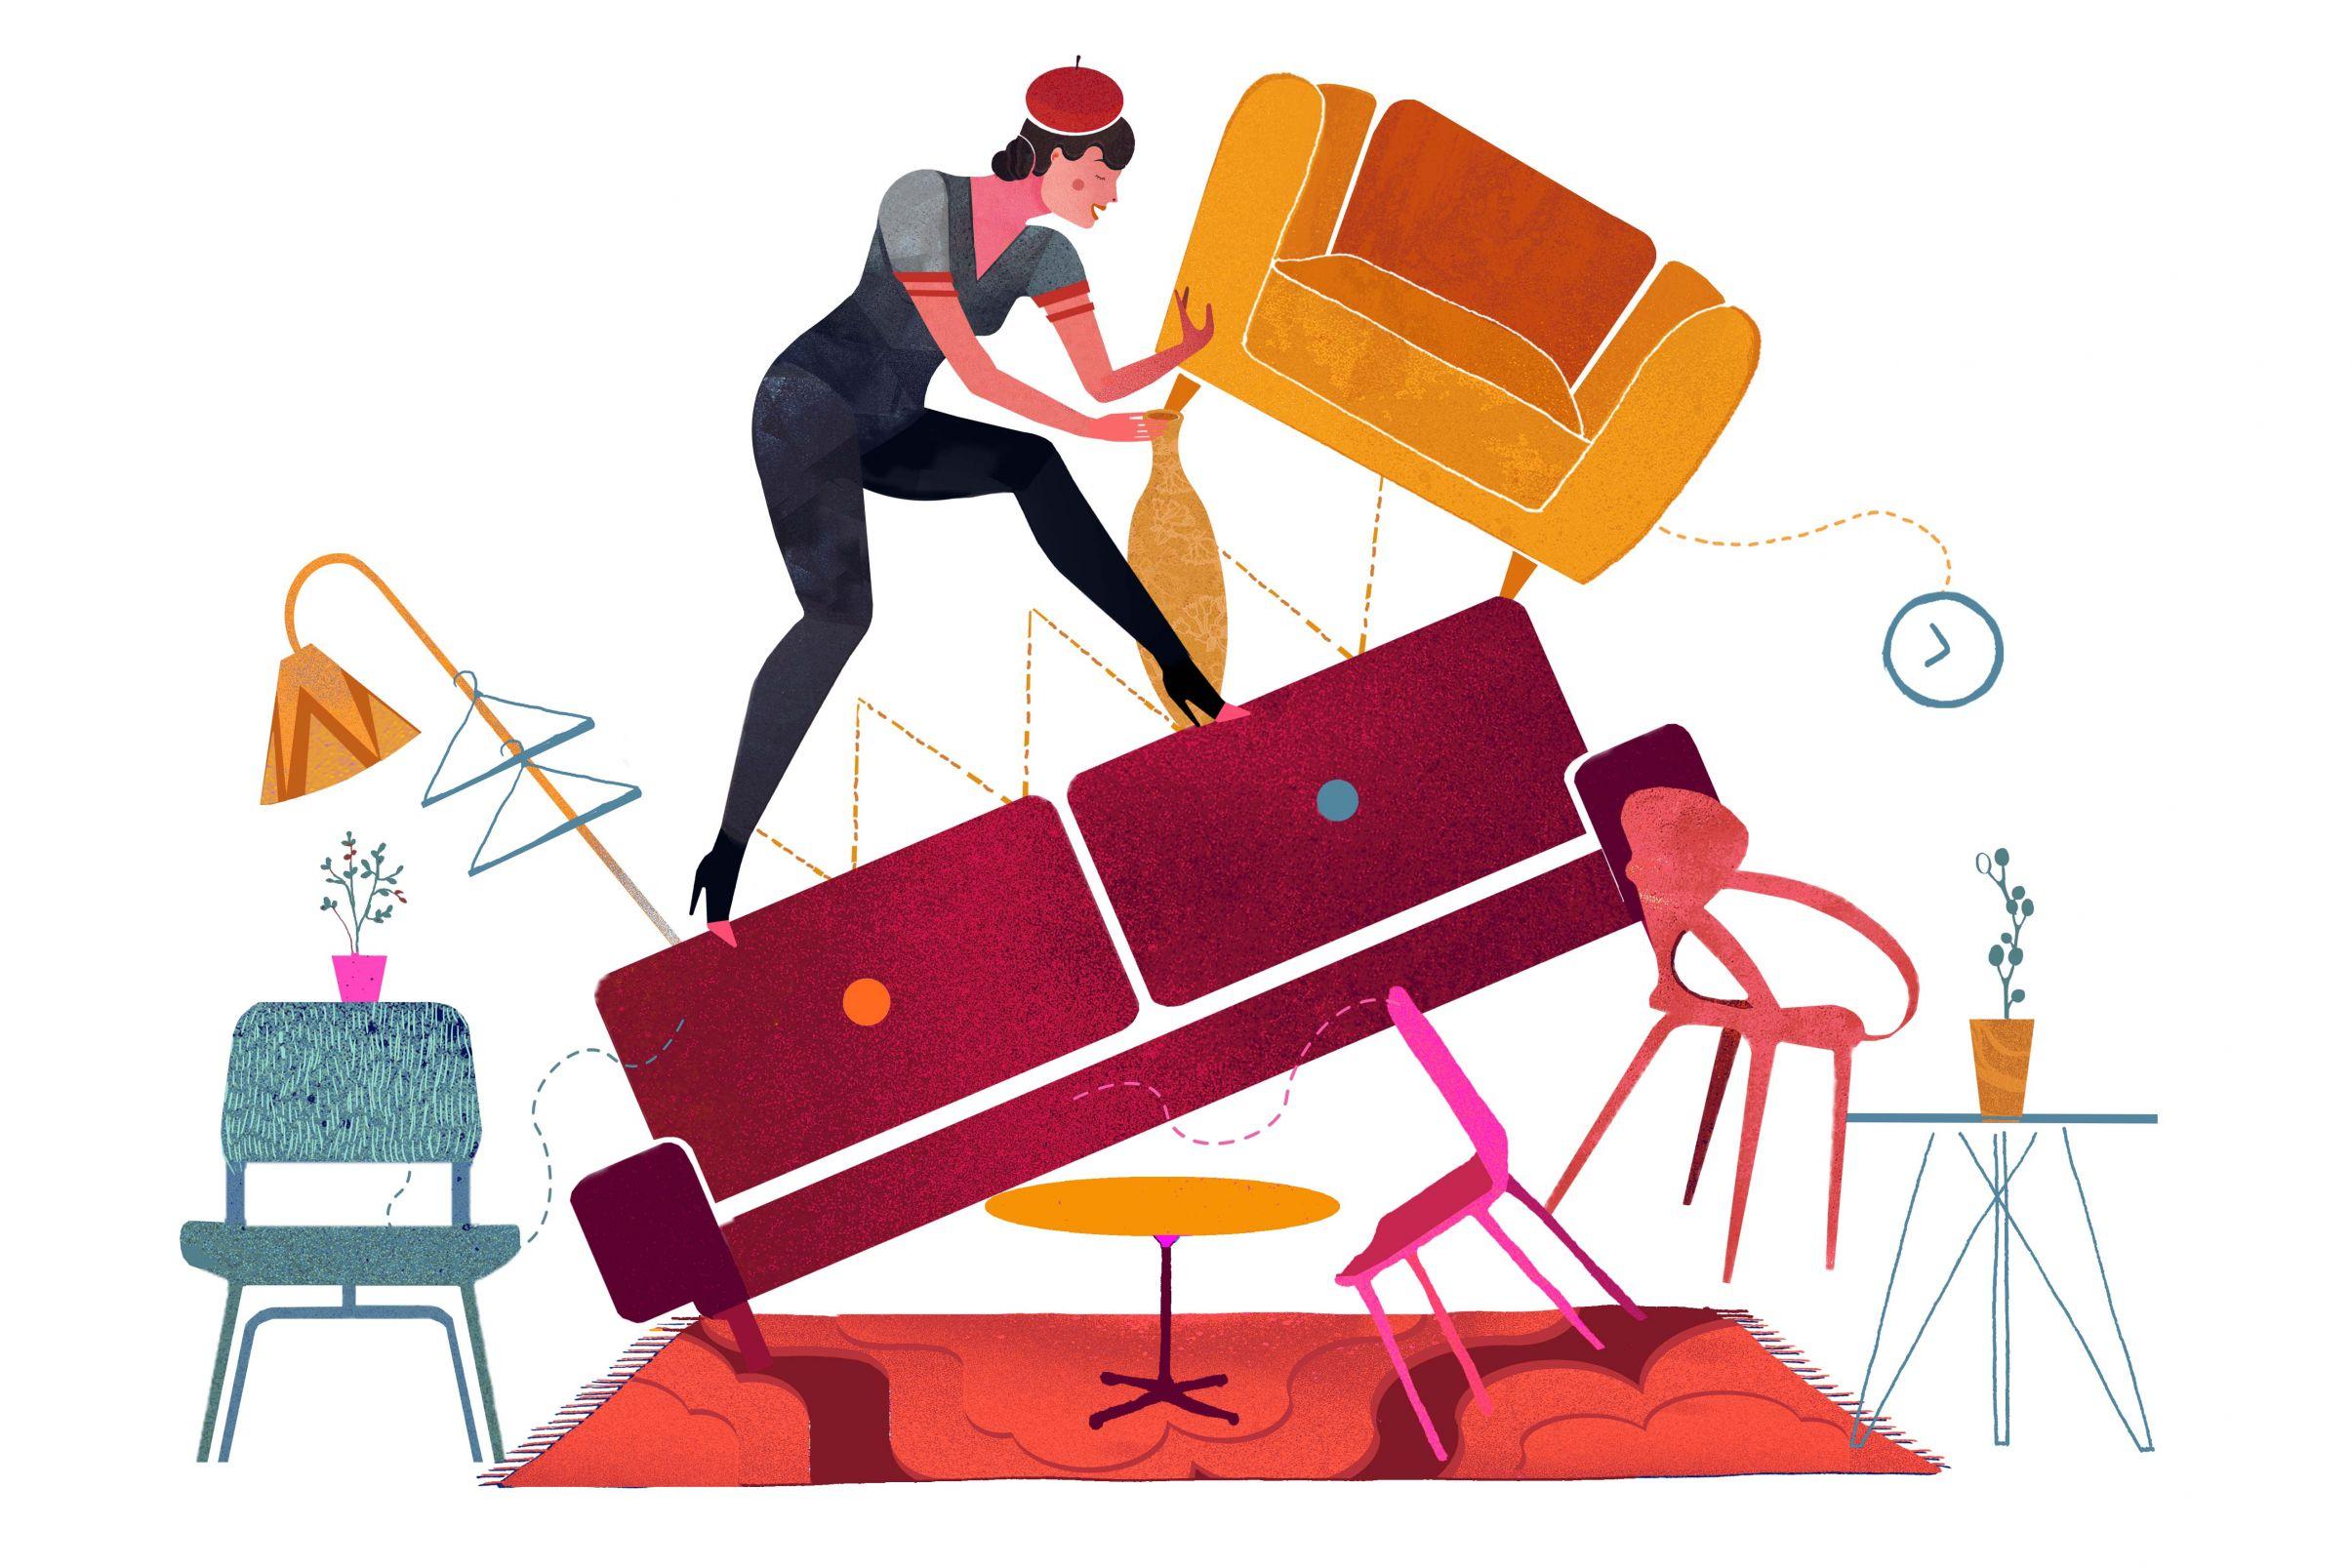 Preparativi-per-l-installazione-della-carta-da-parati-Spostare-rimuovere-i-mobili